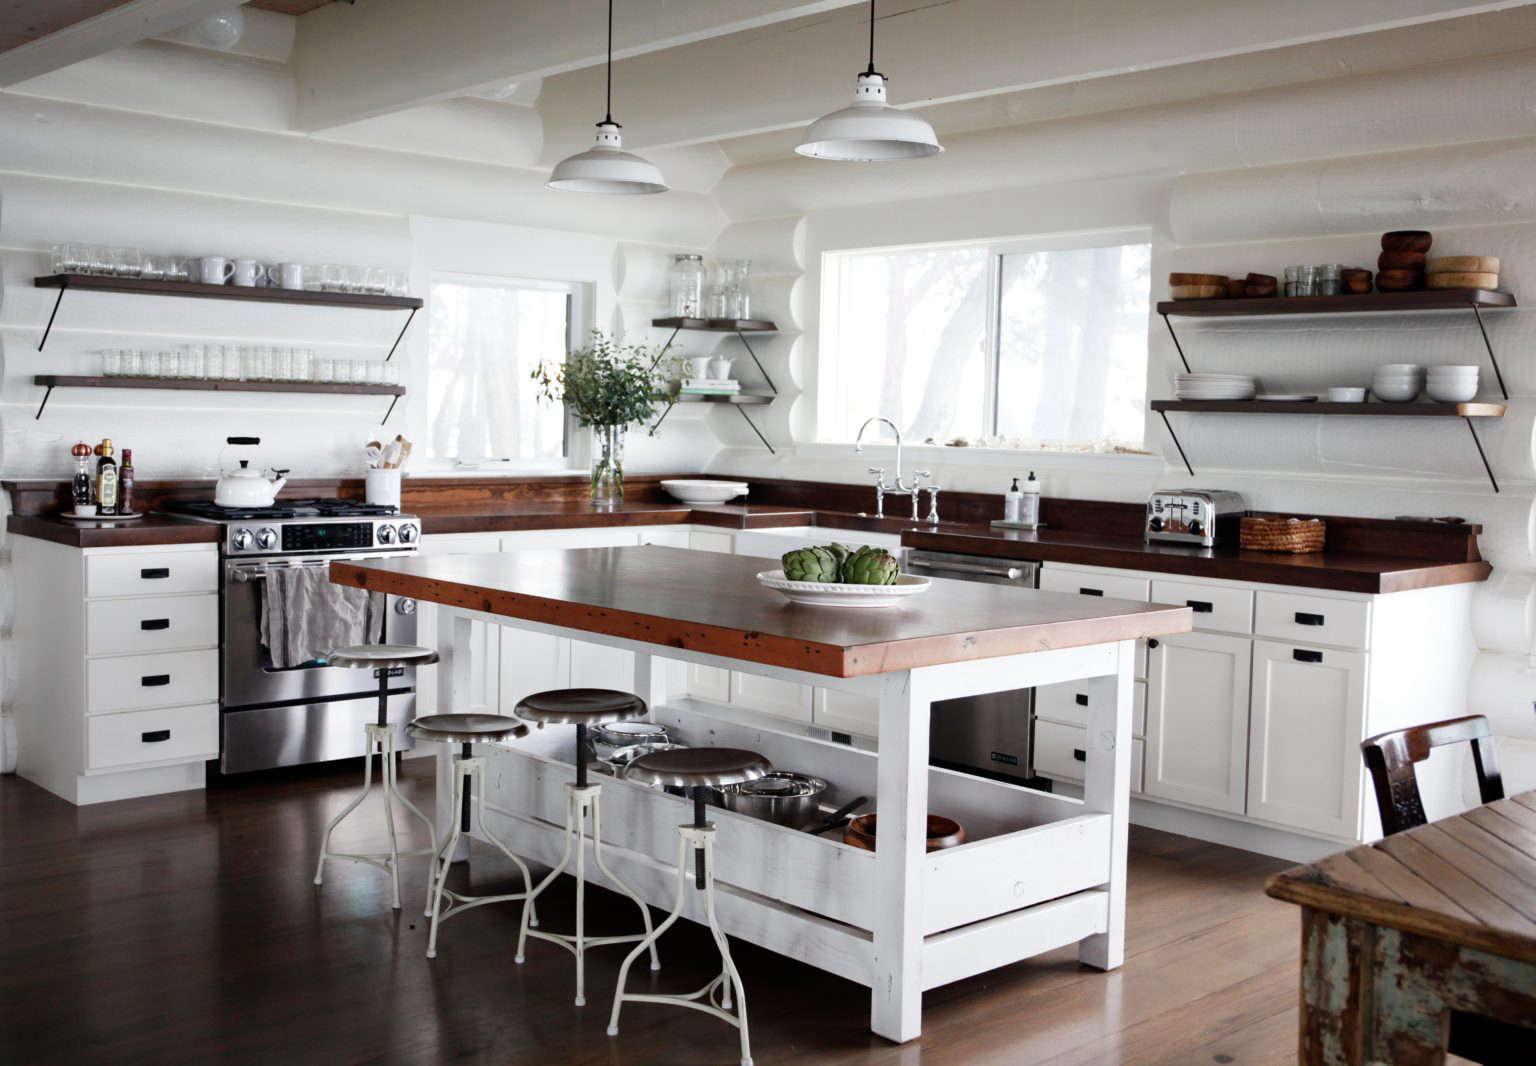 cabin kitchen remodel san juan island lisa staton design 1